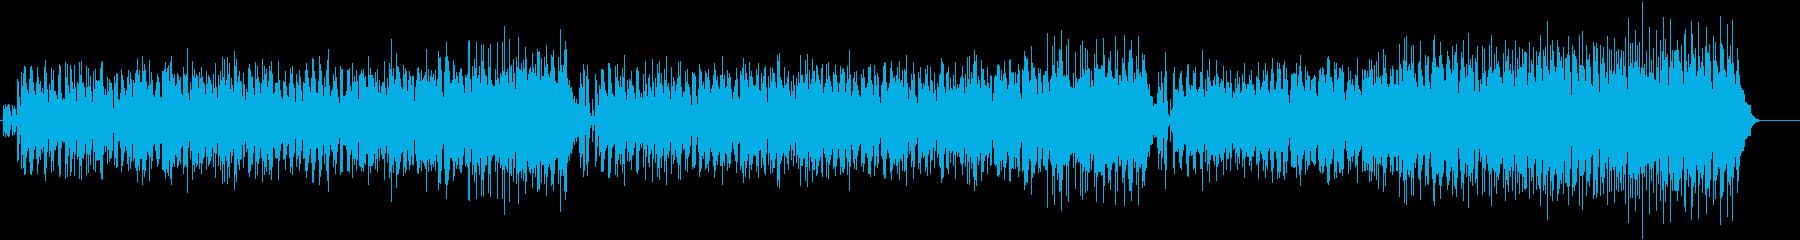 スタイリッシュで清々しいボサノヴァ風の再生済みの波形